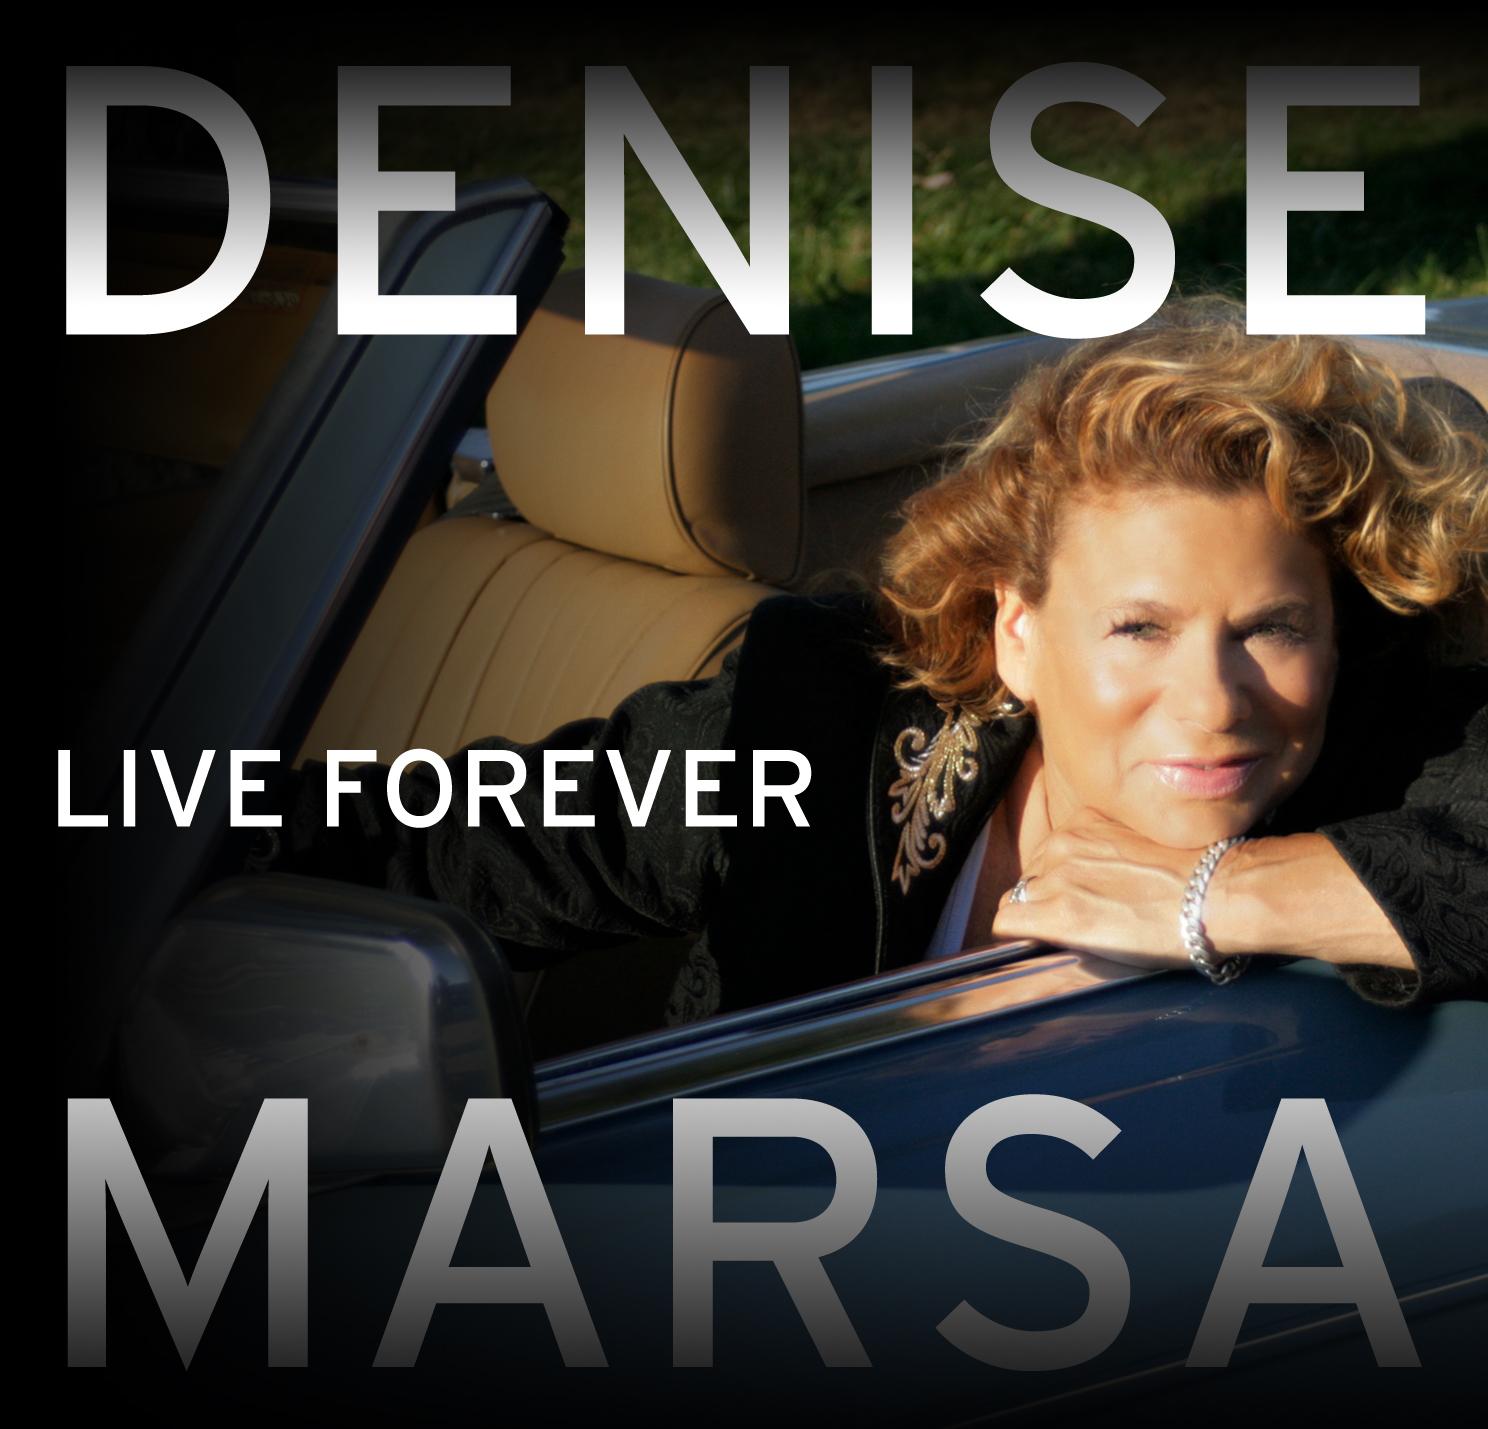 denisemarsa_cover_liveforever2